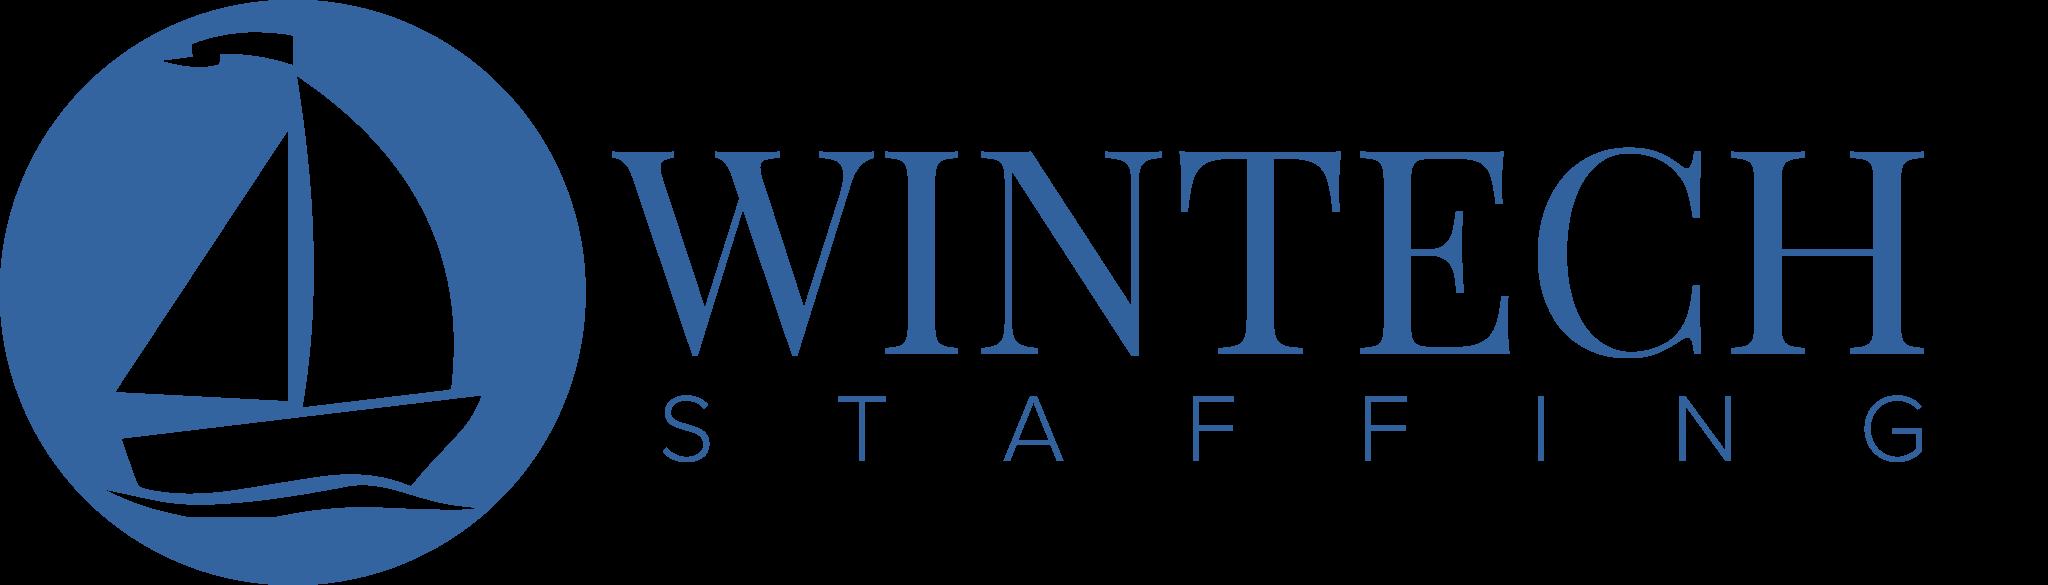 Wintech Staffing